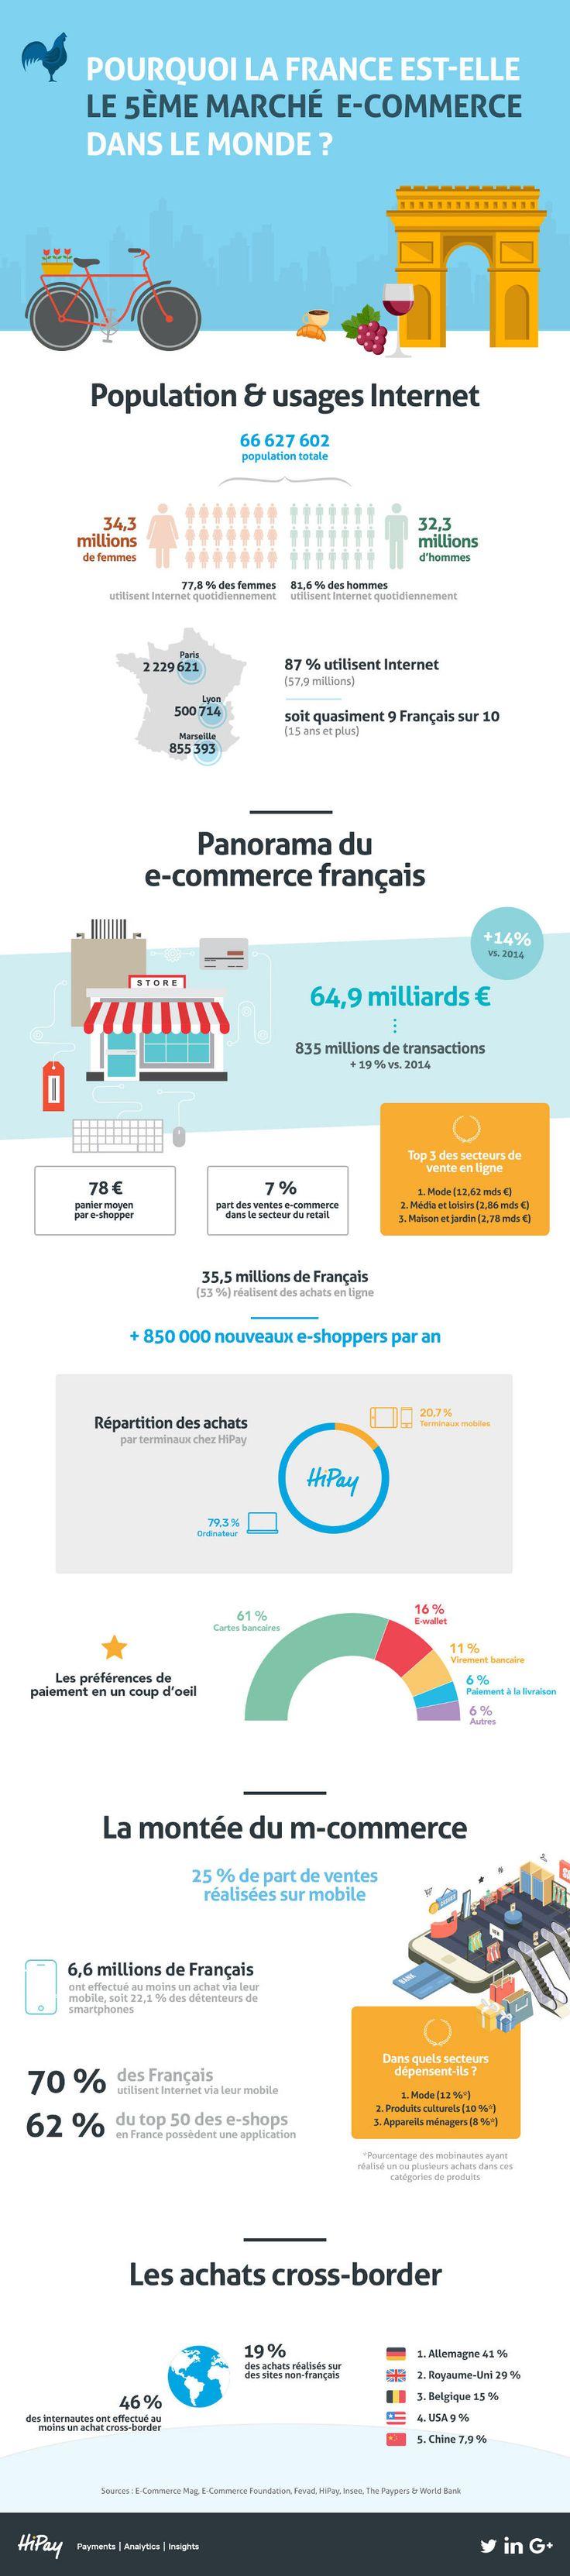 Pourquoi la France est le 5ème marché e-commerce dans le monde | Comarketing-News